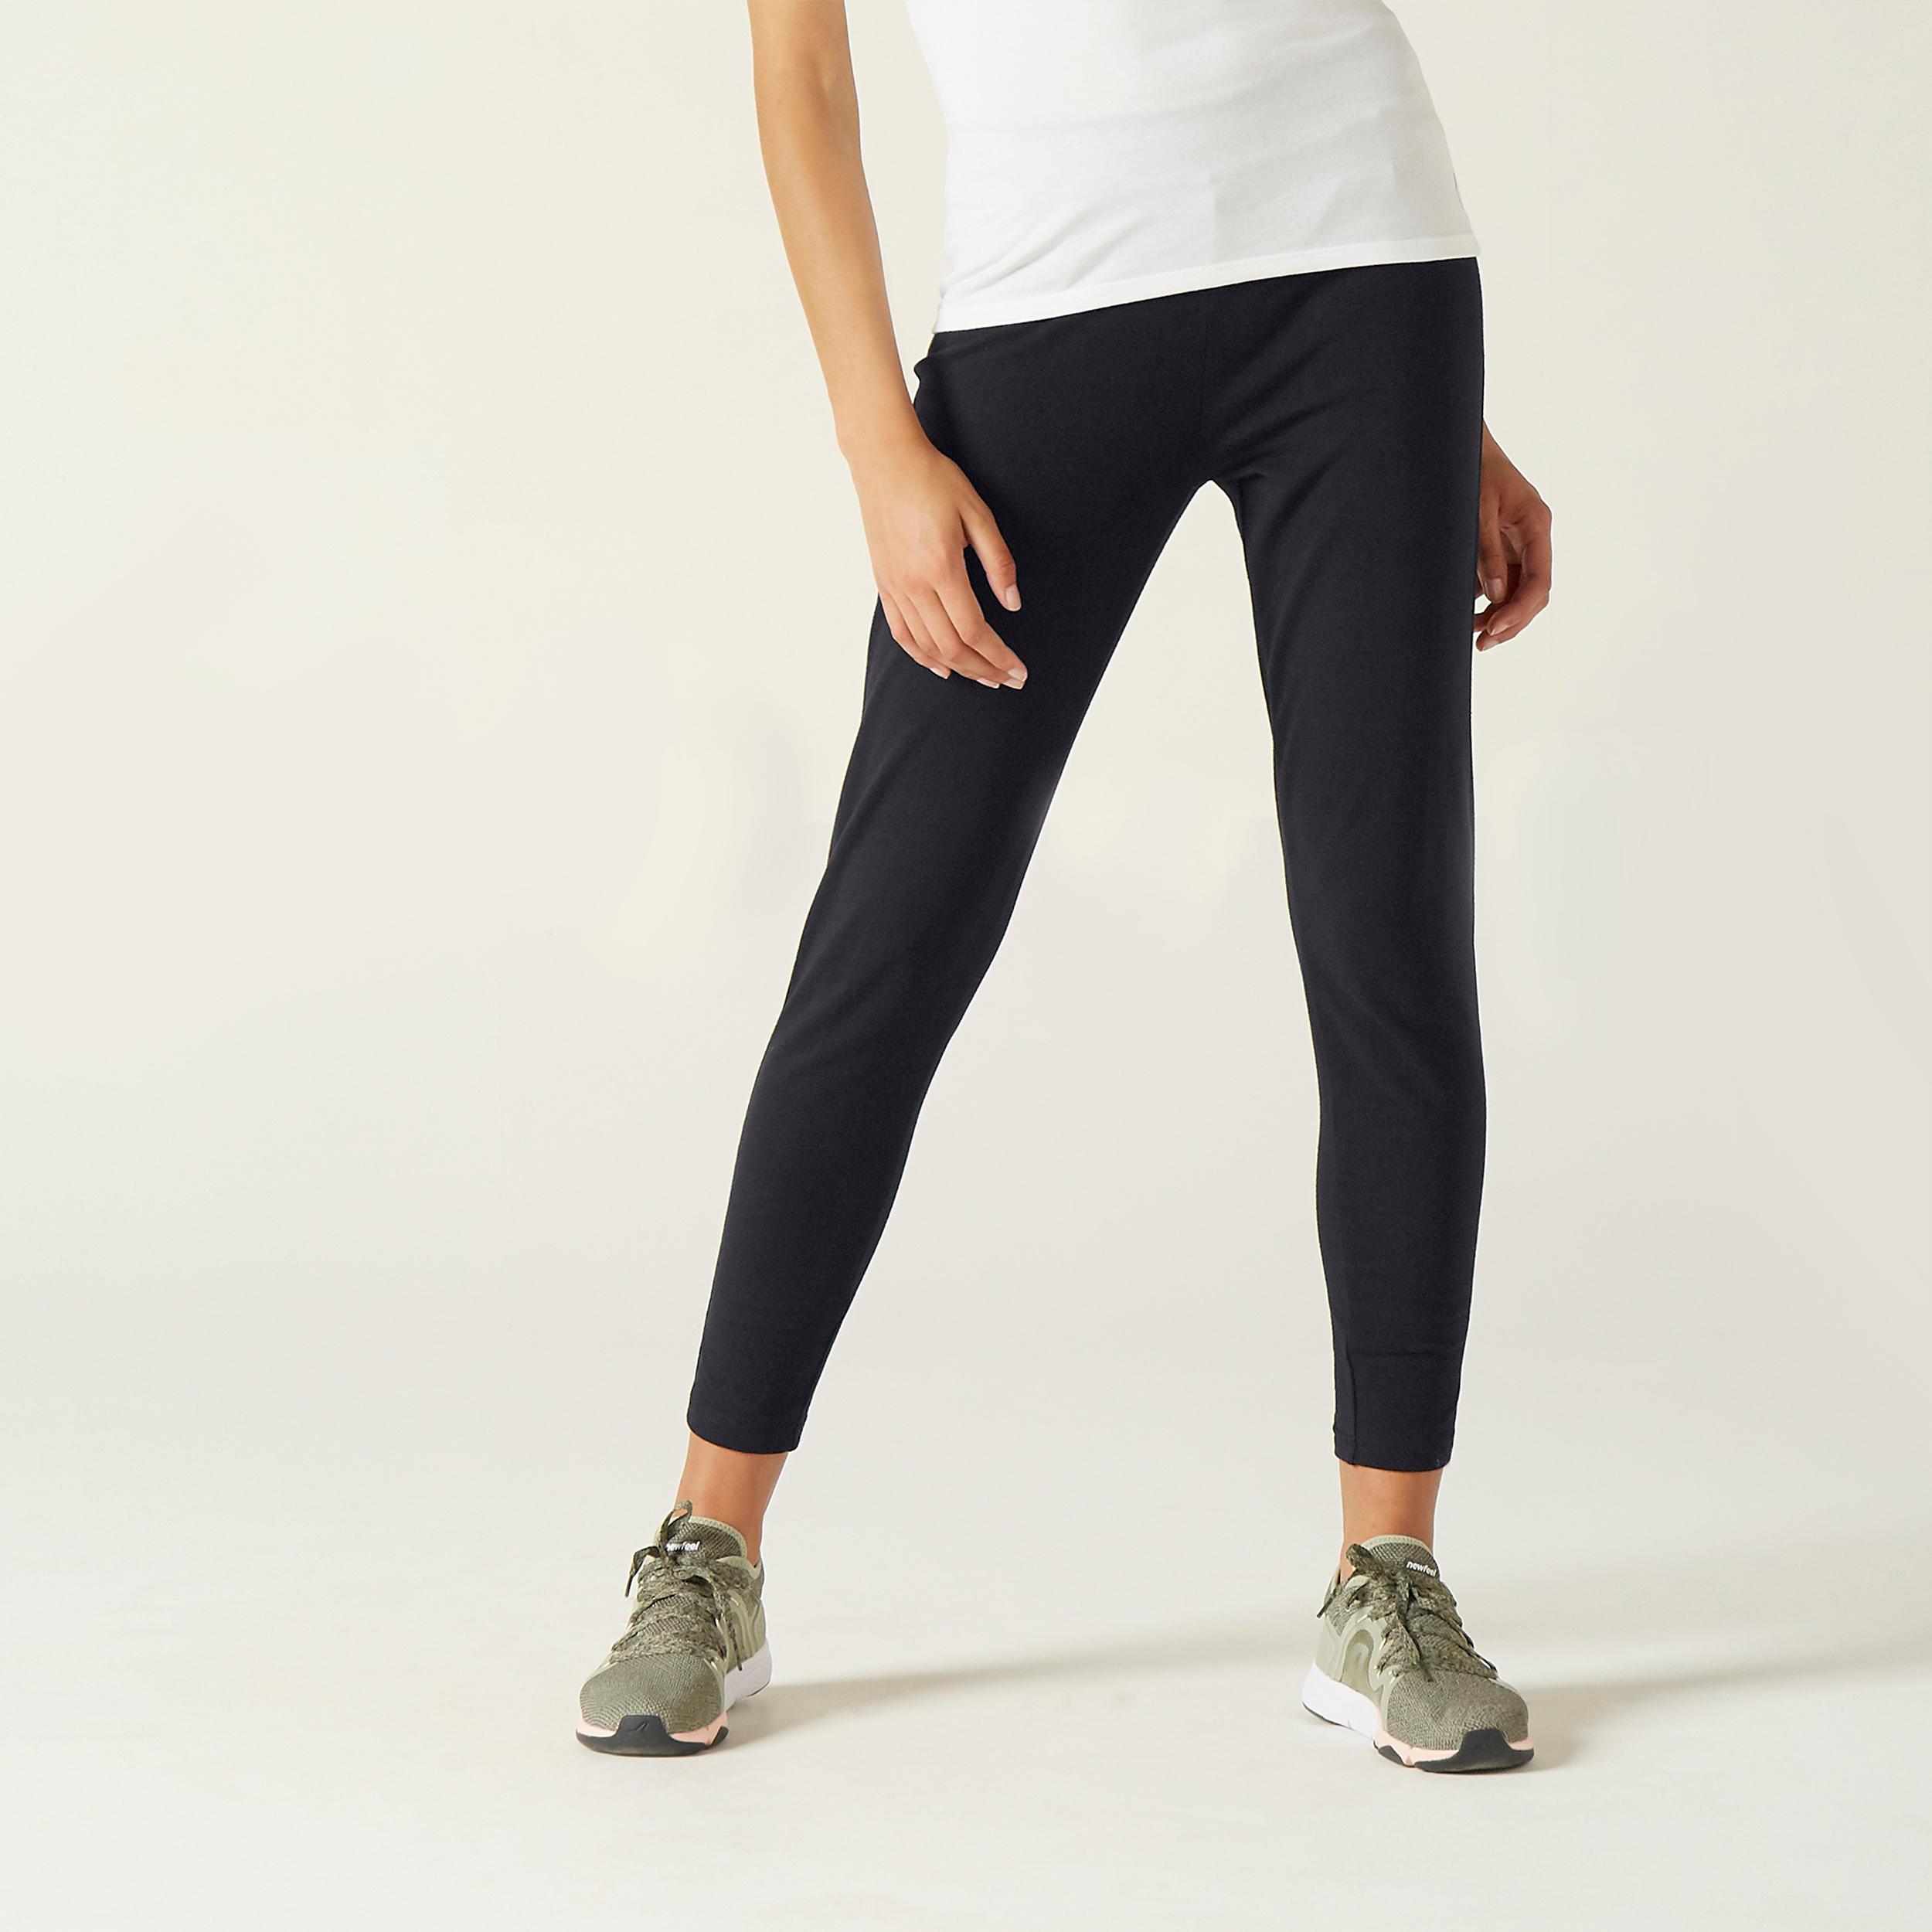 Pantalon trening 100 Damă